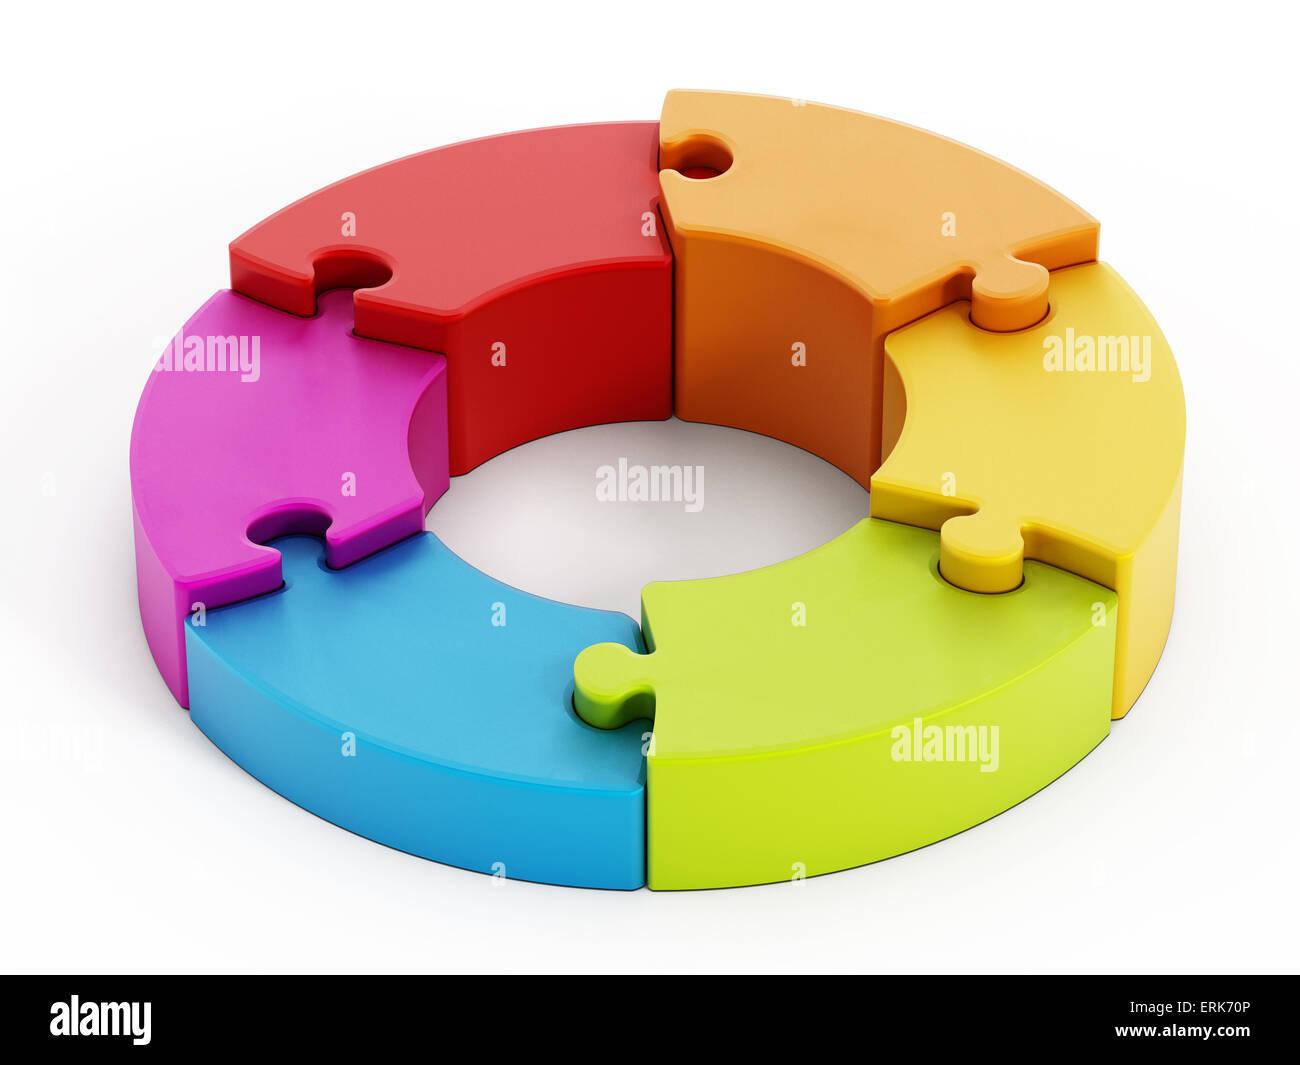 Jigsaw Puzzle pieces attachés l'un à l'autre formant un cercle. Photo Stock